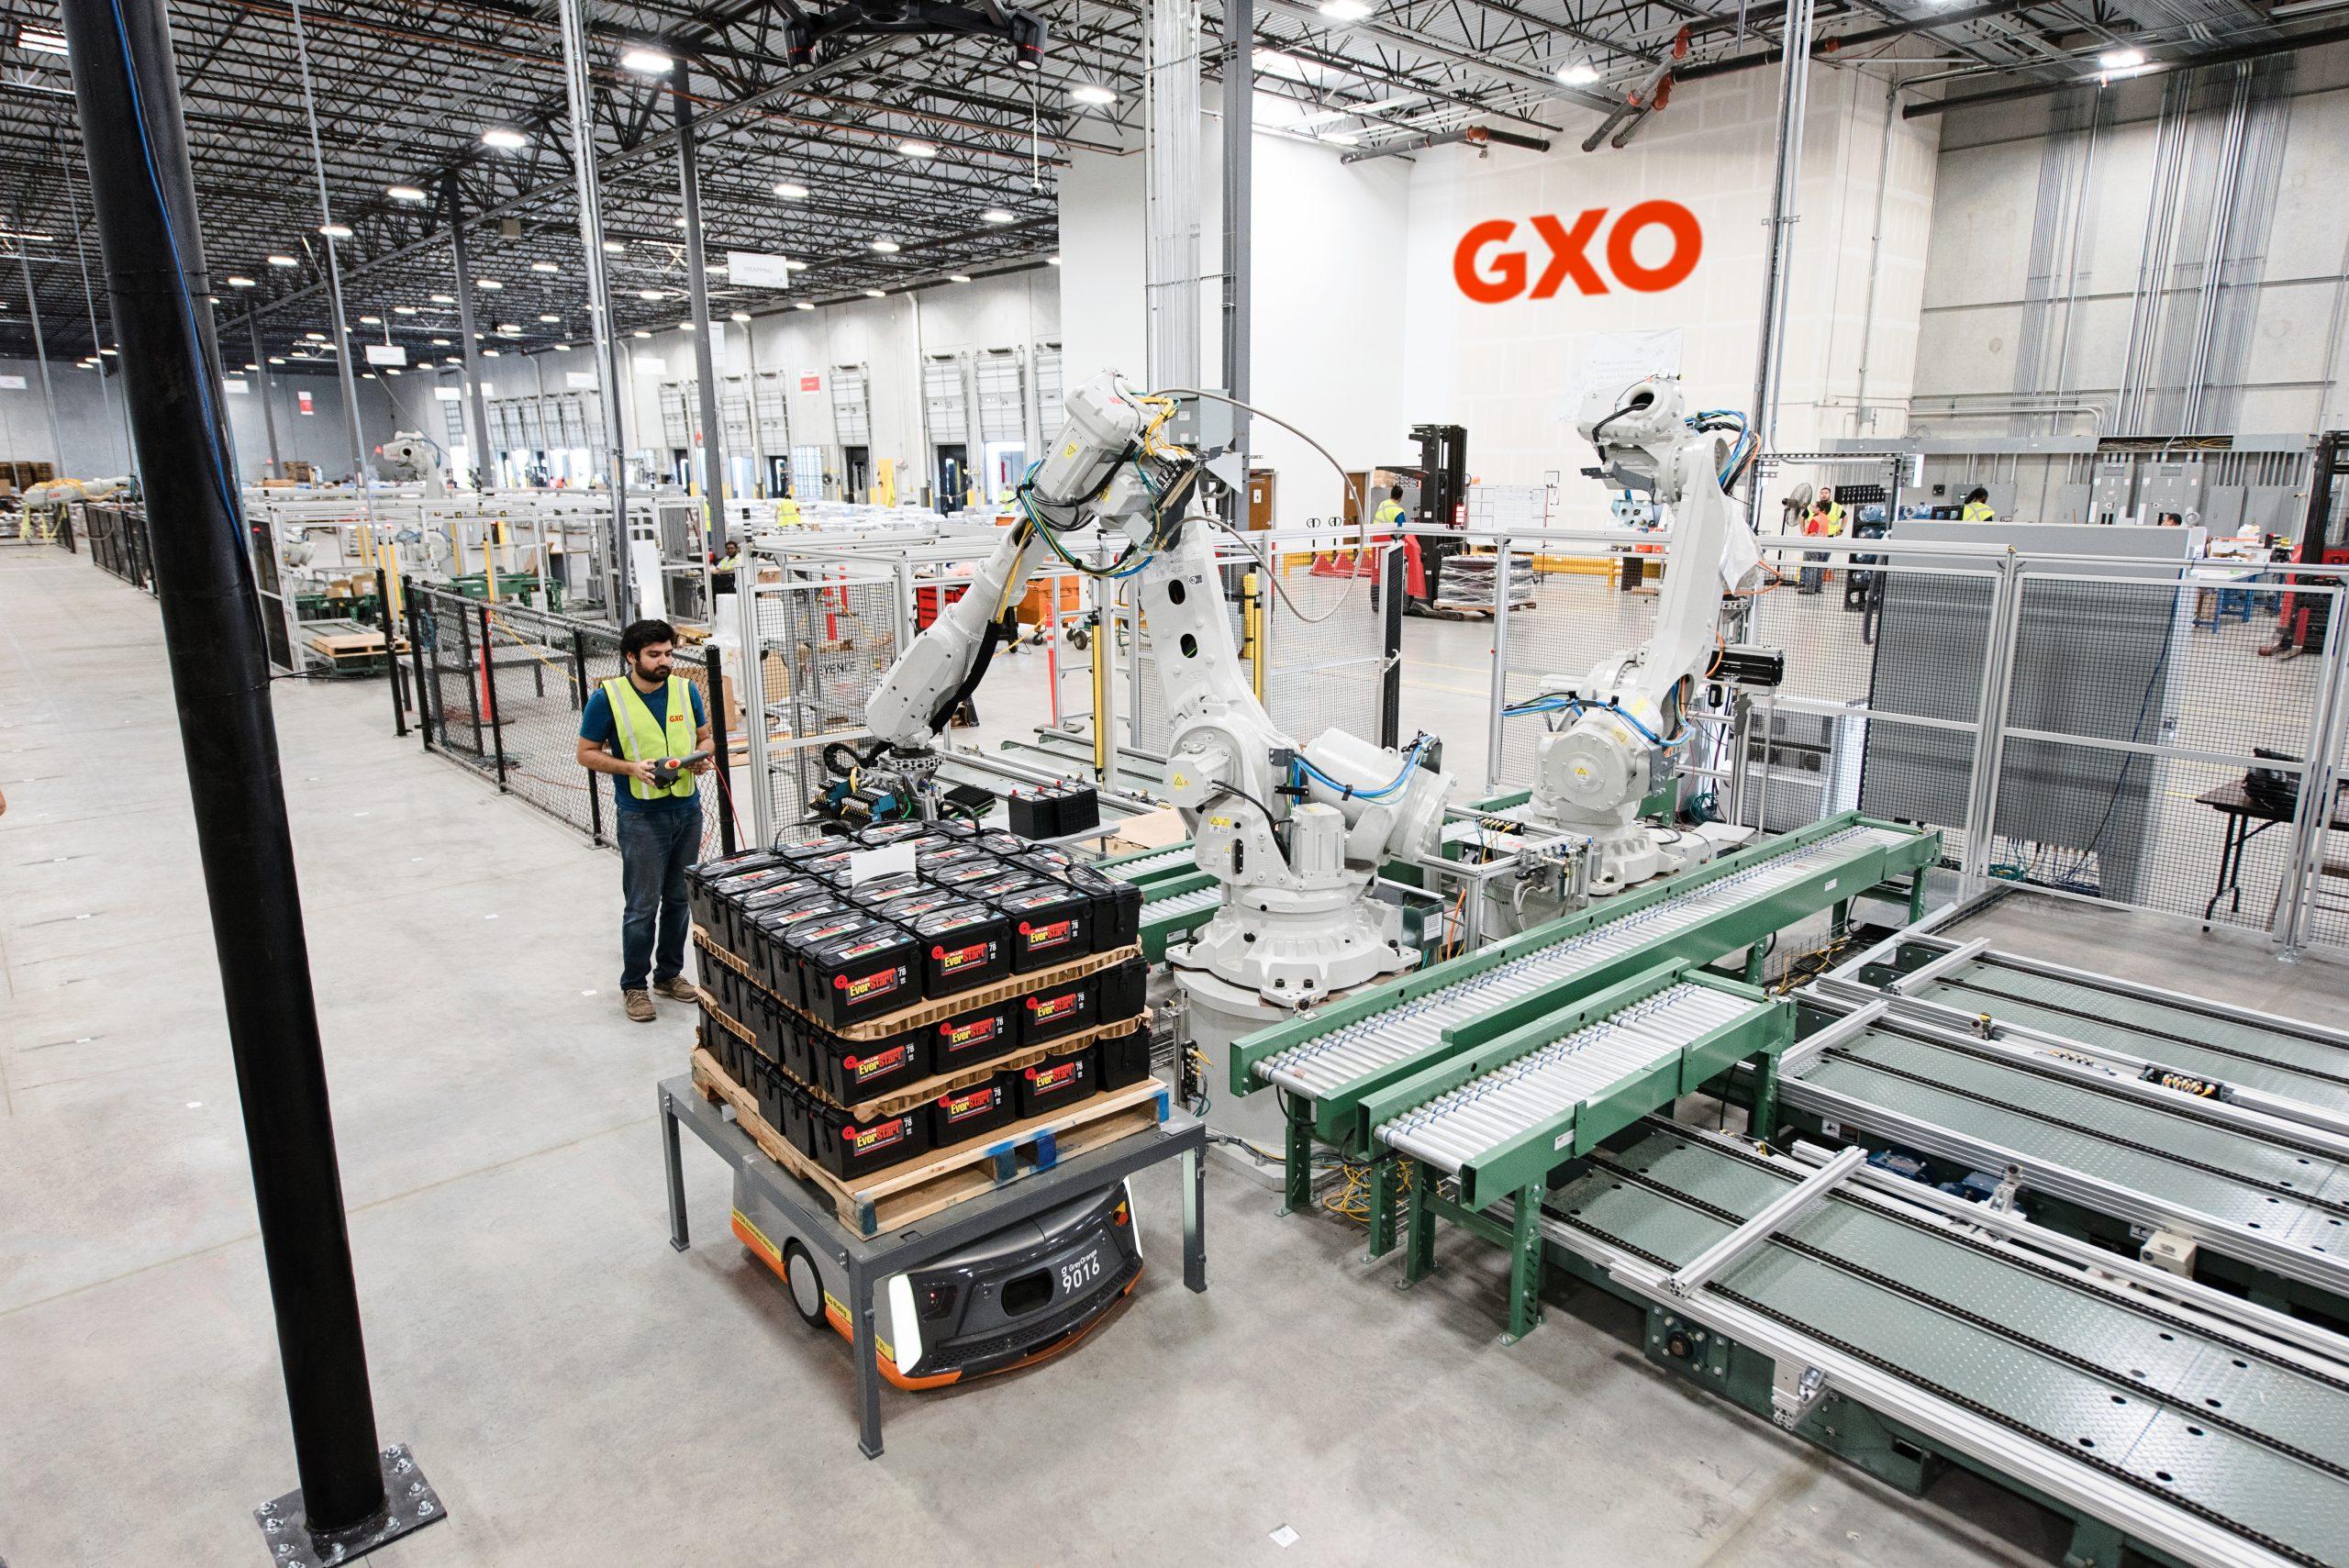 GXO robotic arm and cobot